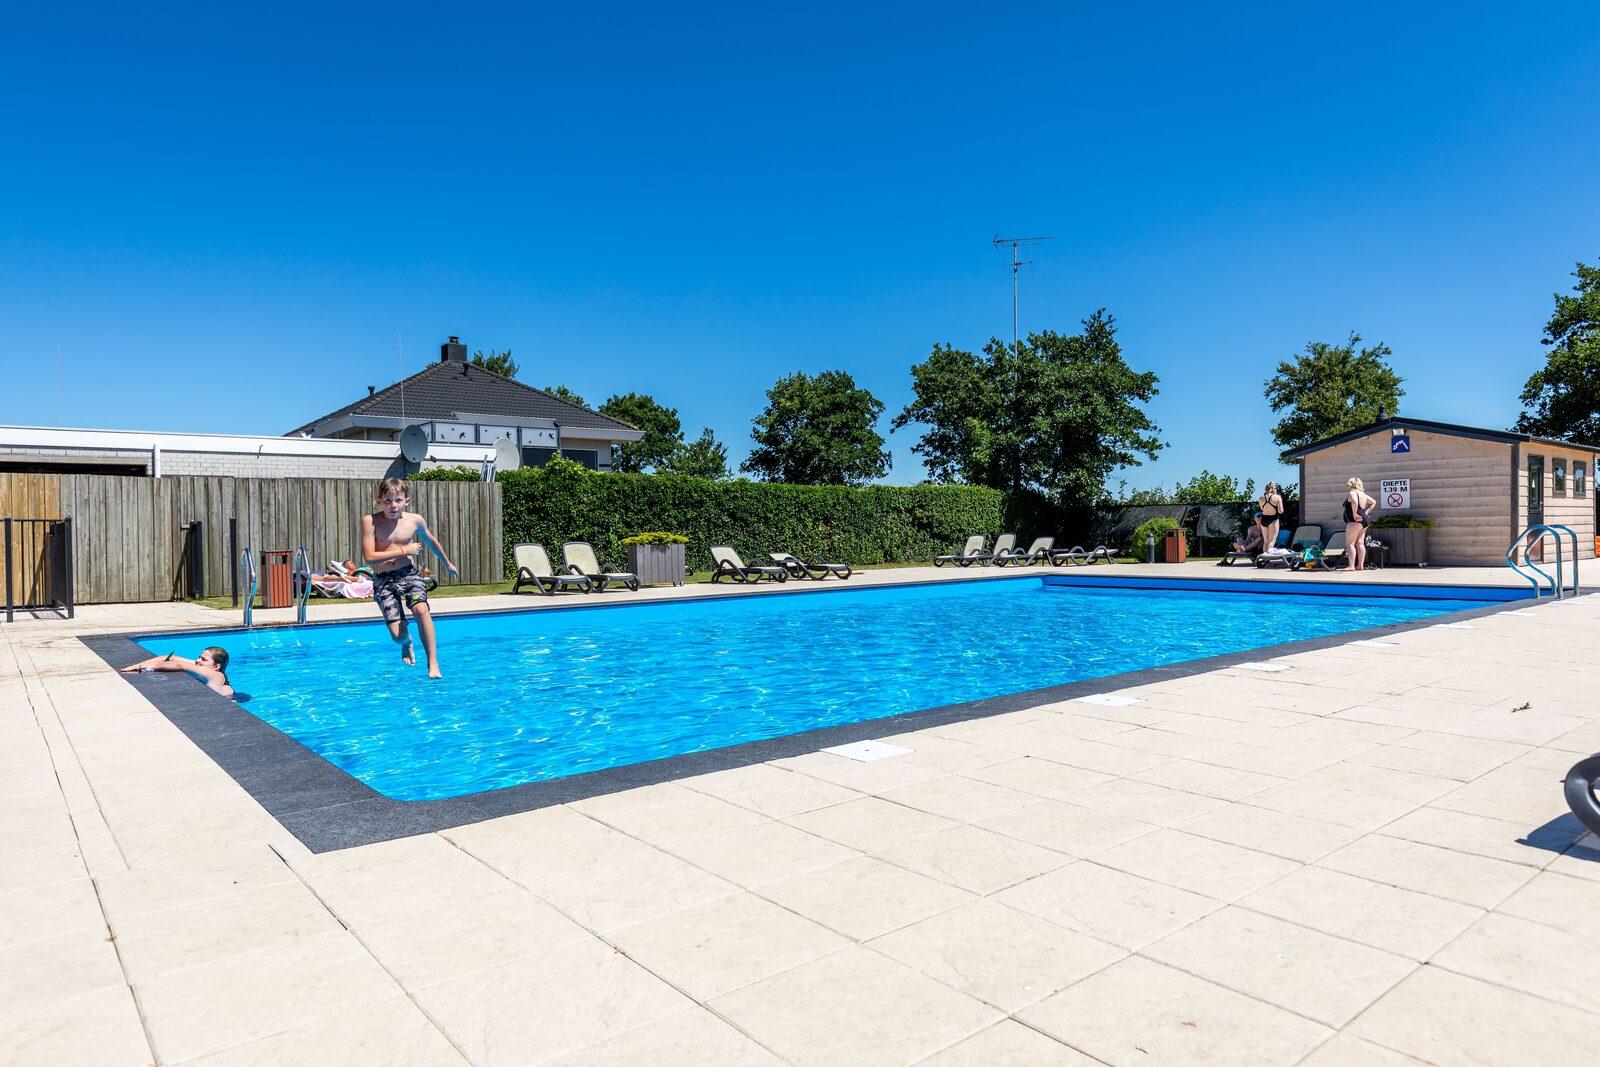 Parc de vacances de Woudhoeve